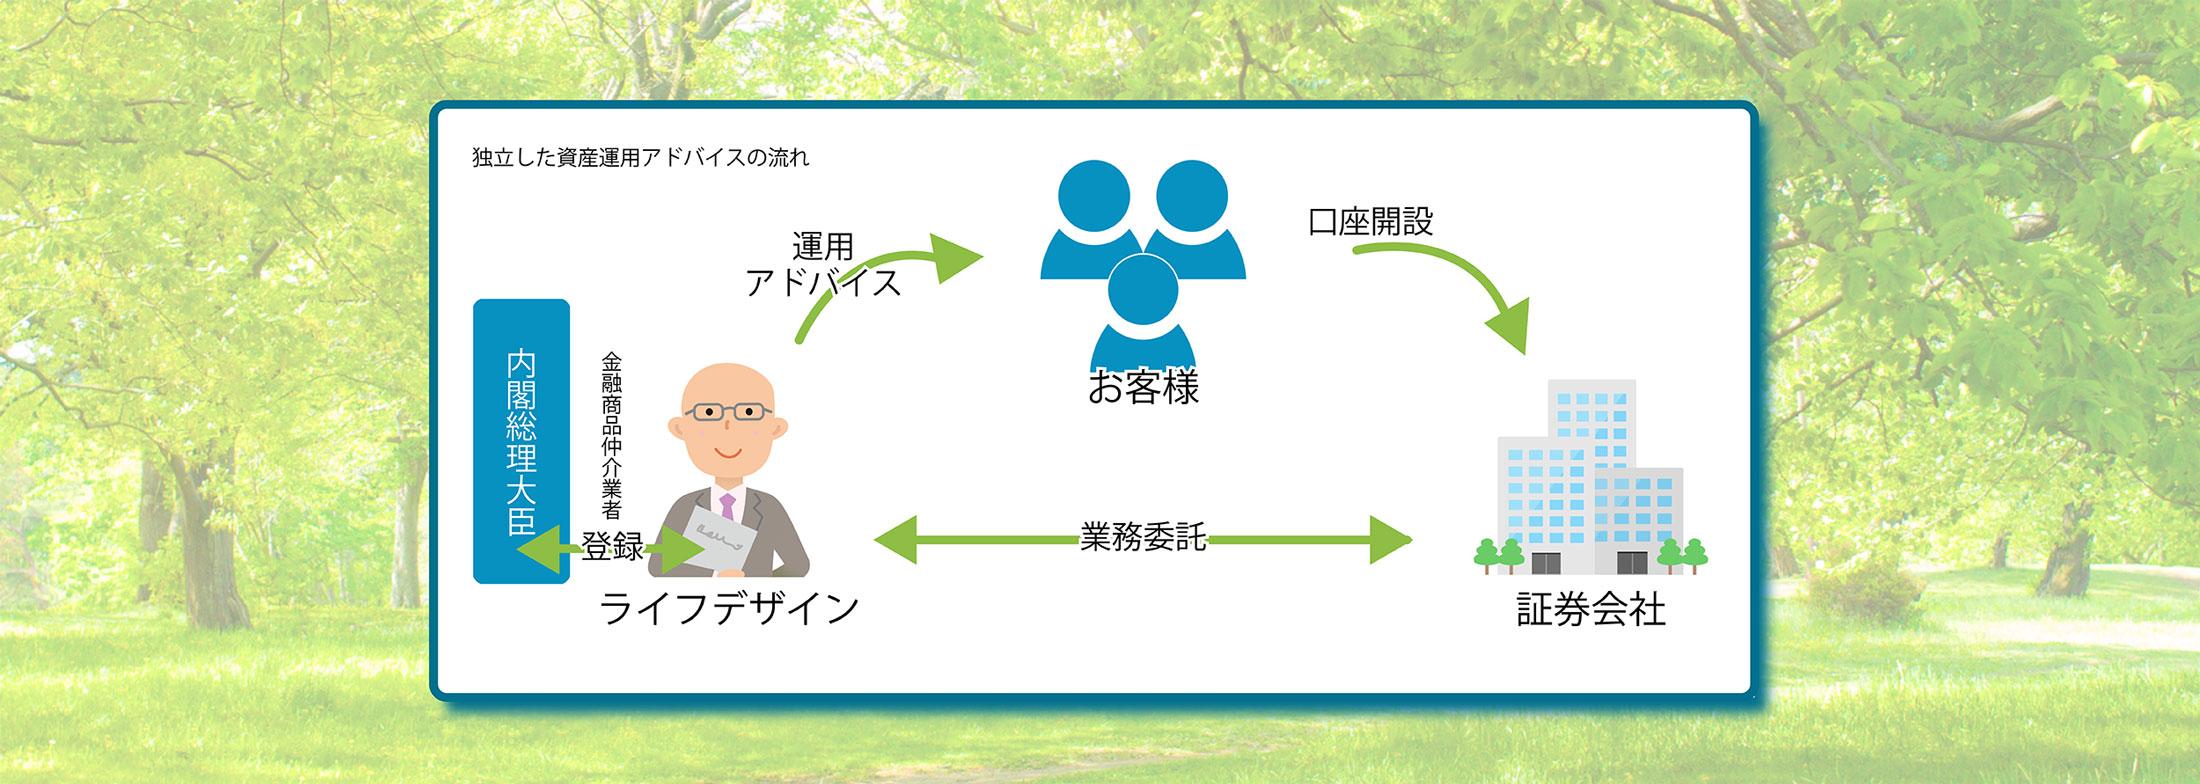 投資信託・IFA|ライフデザイン